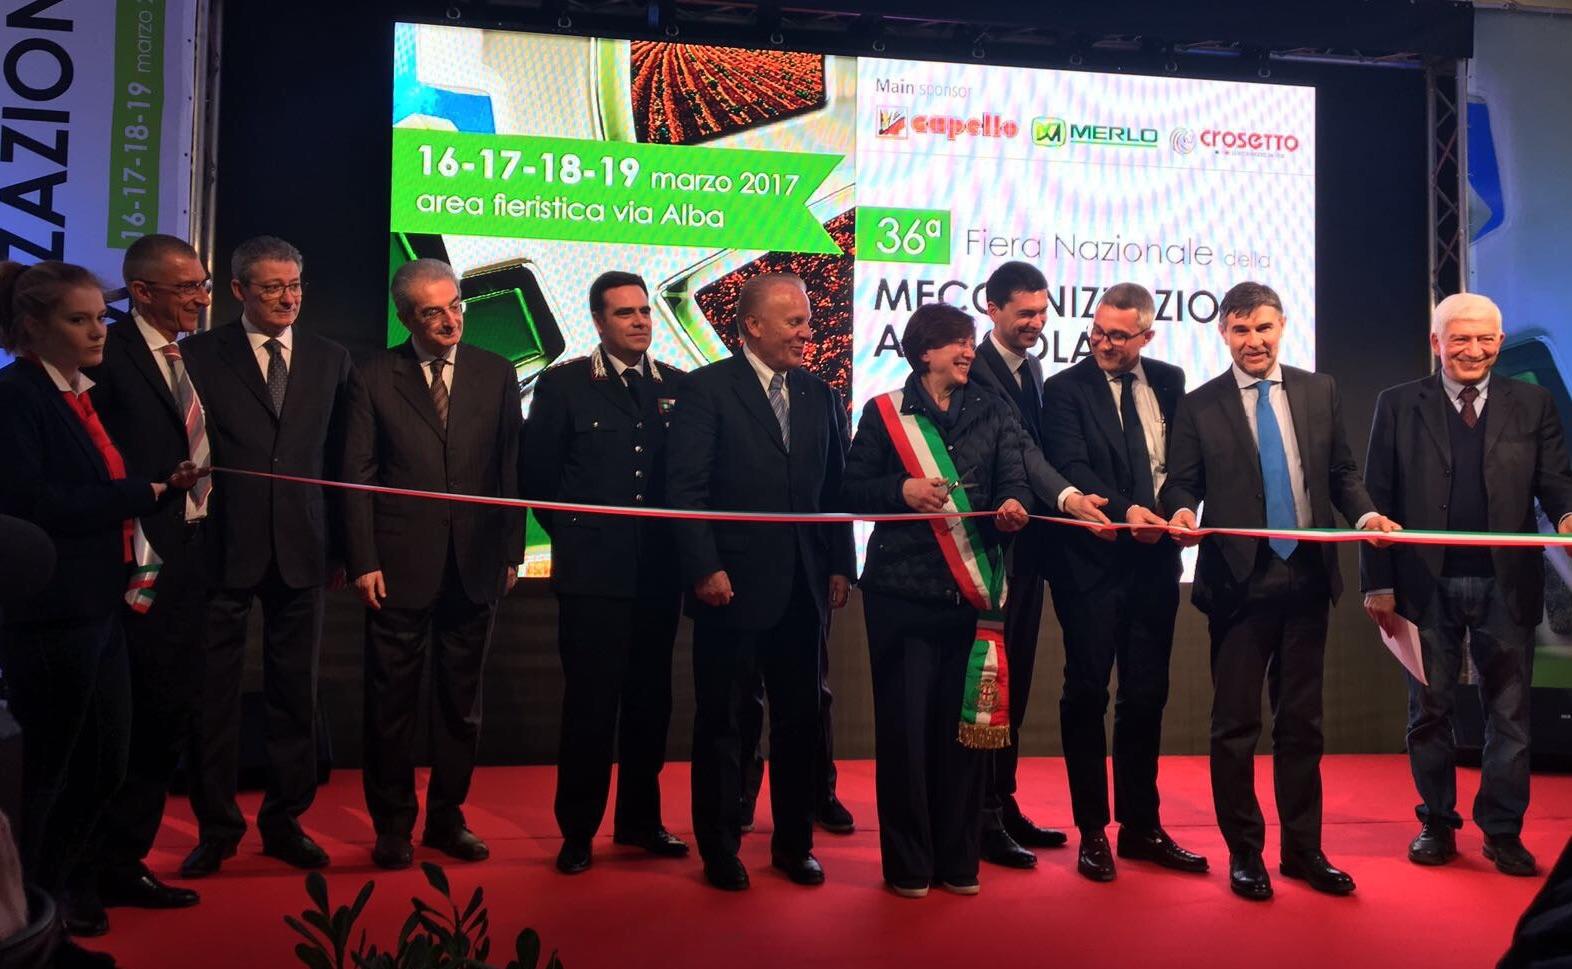 La Guida - Meccanizzazione Agricola a Savigliano, un premio all'innovazione